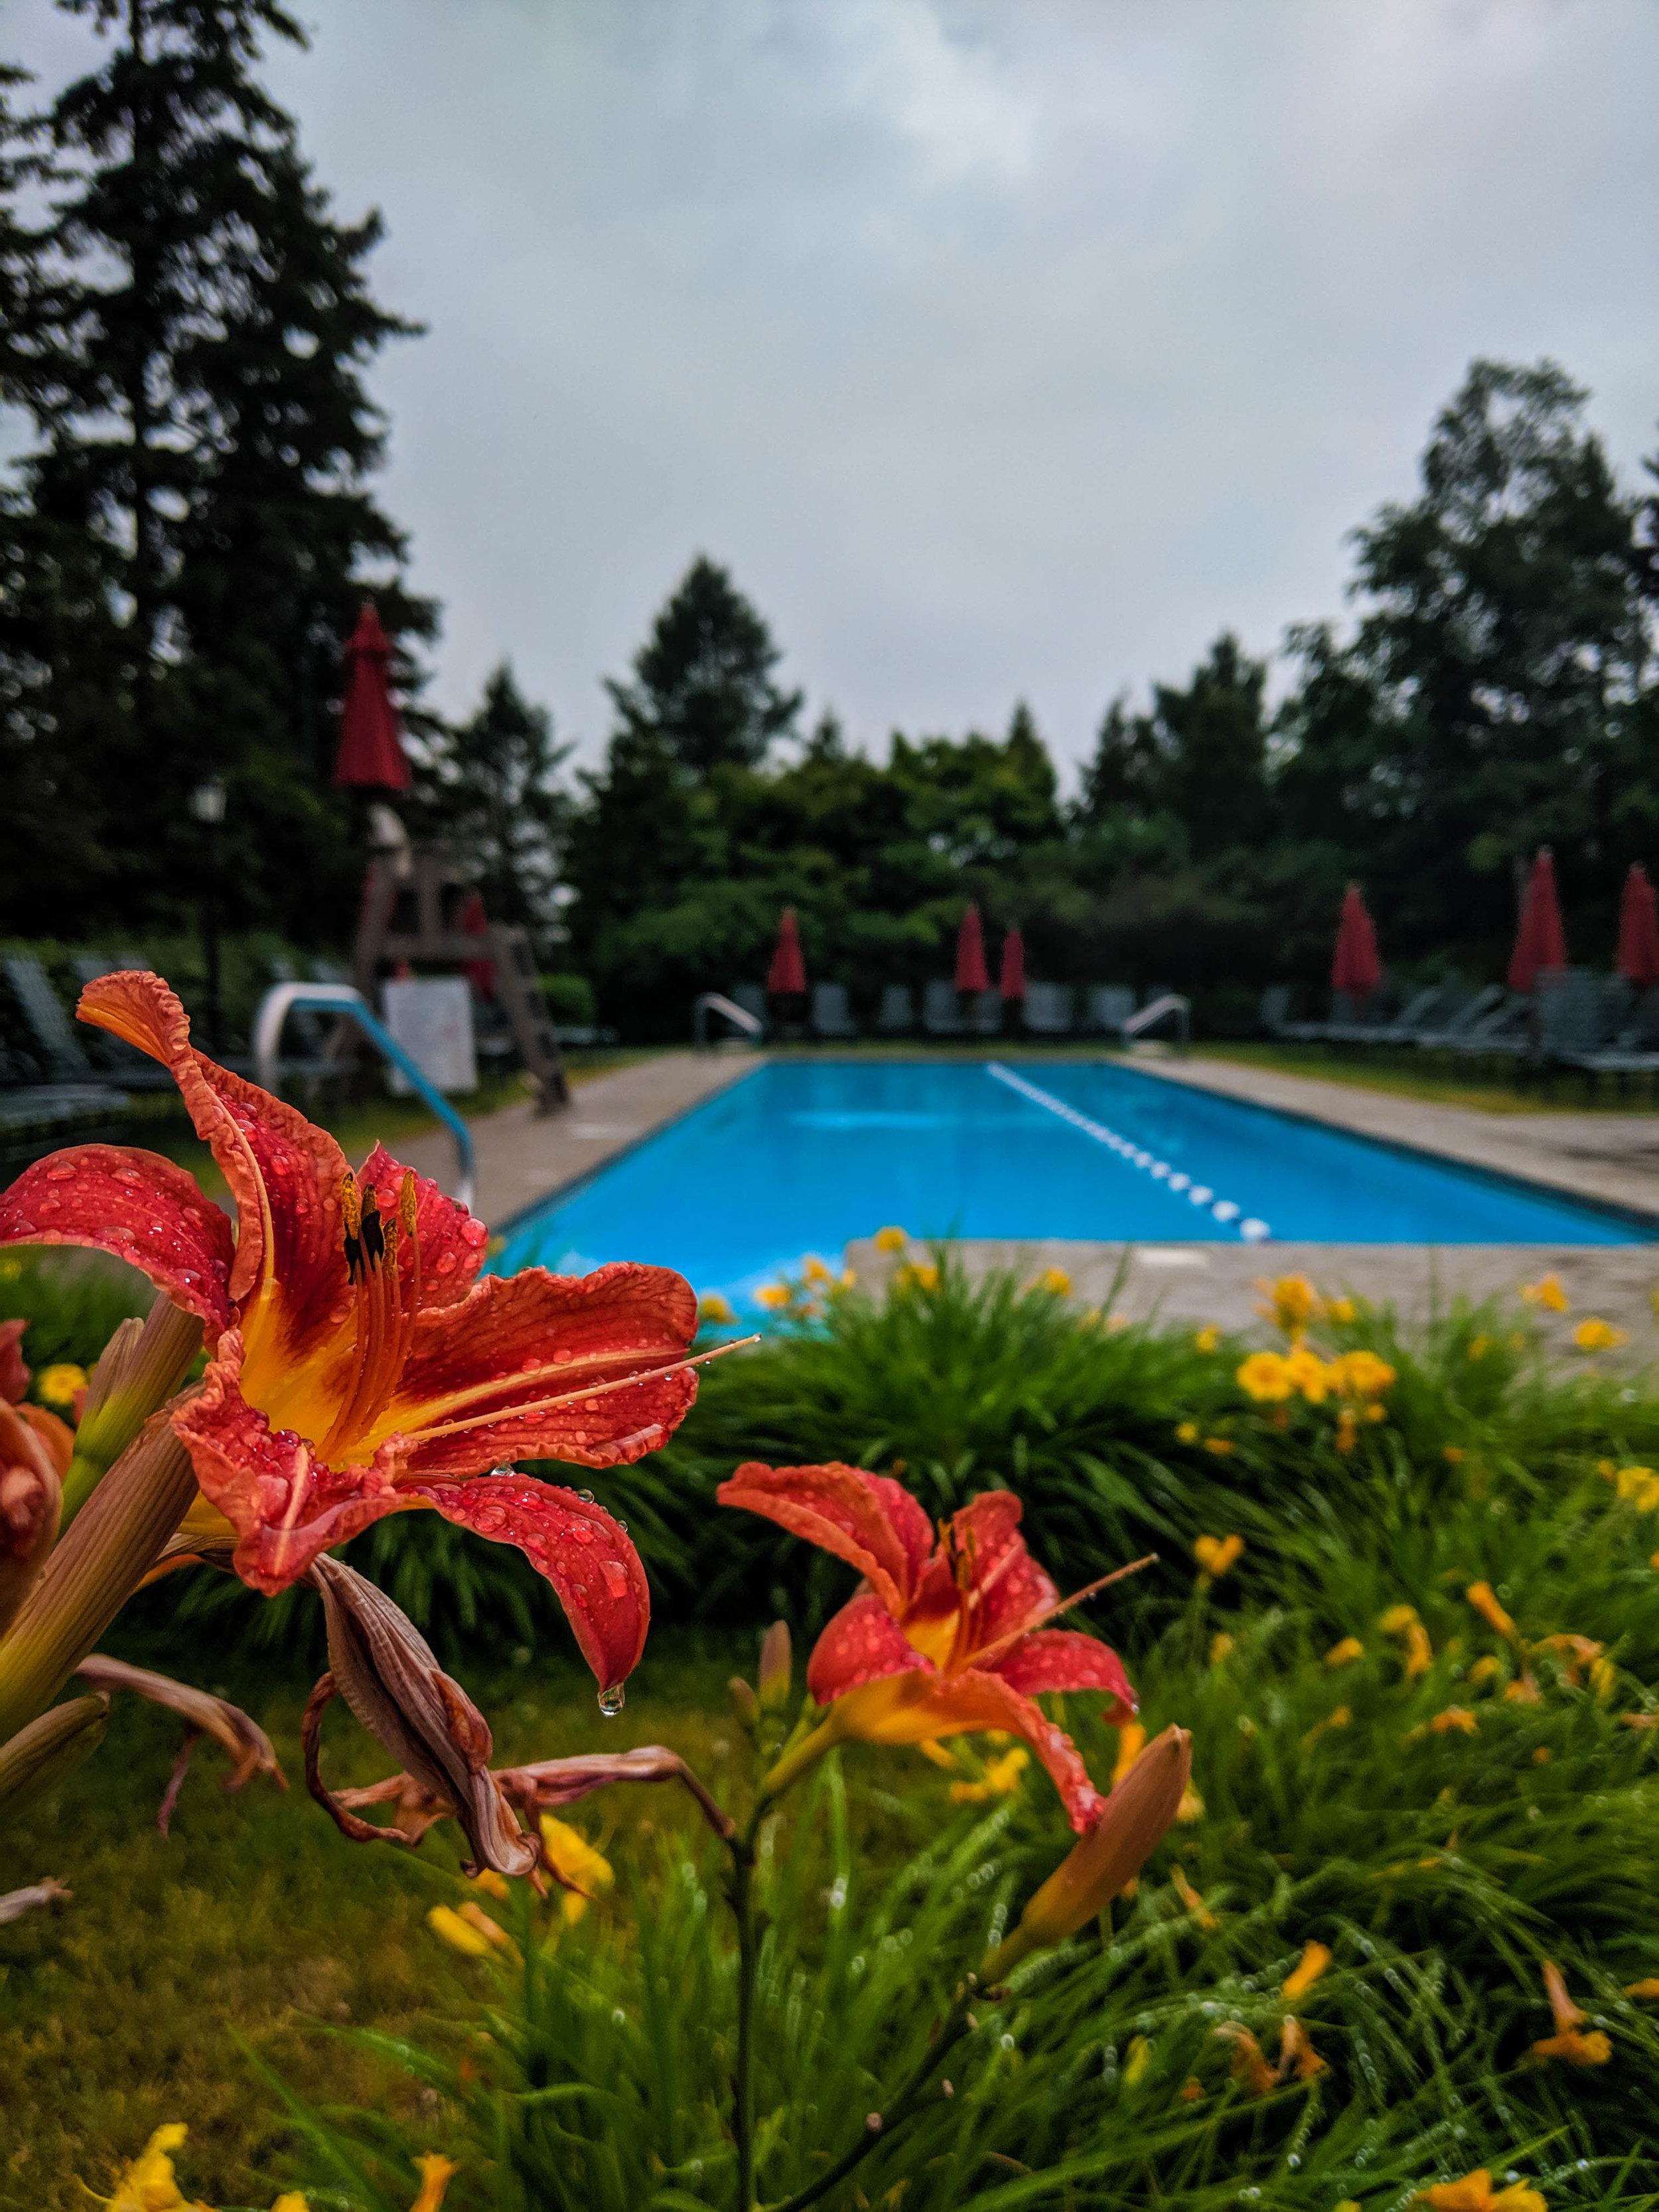 Pool of the Fairmount Hotel, Le Manoir Richelieu